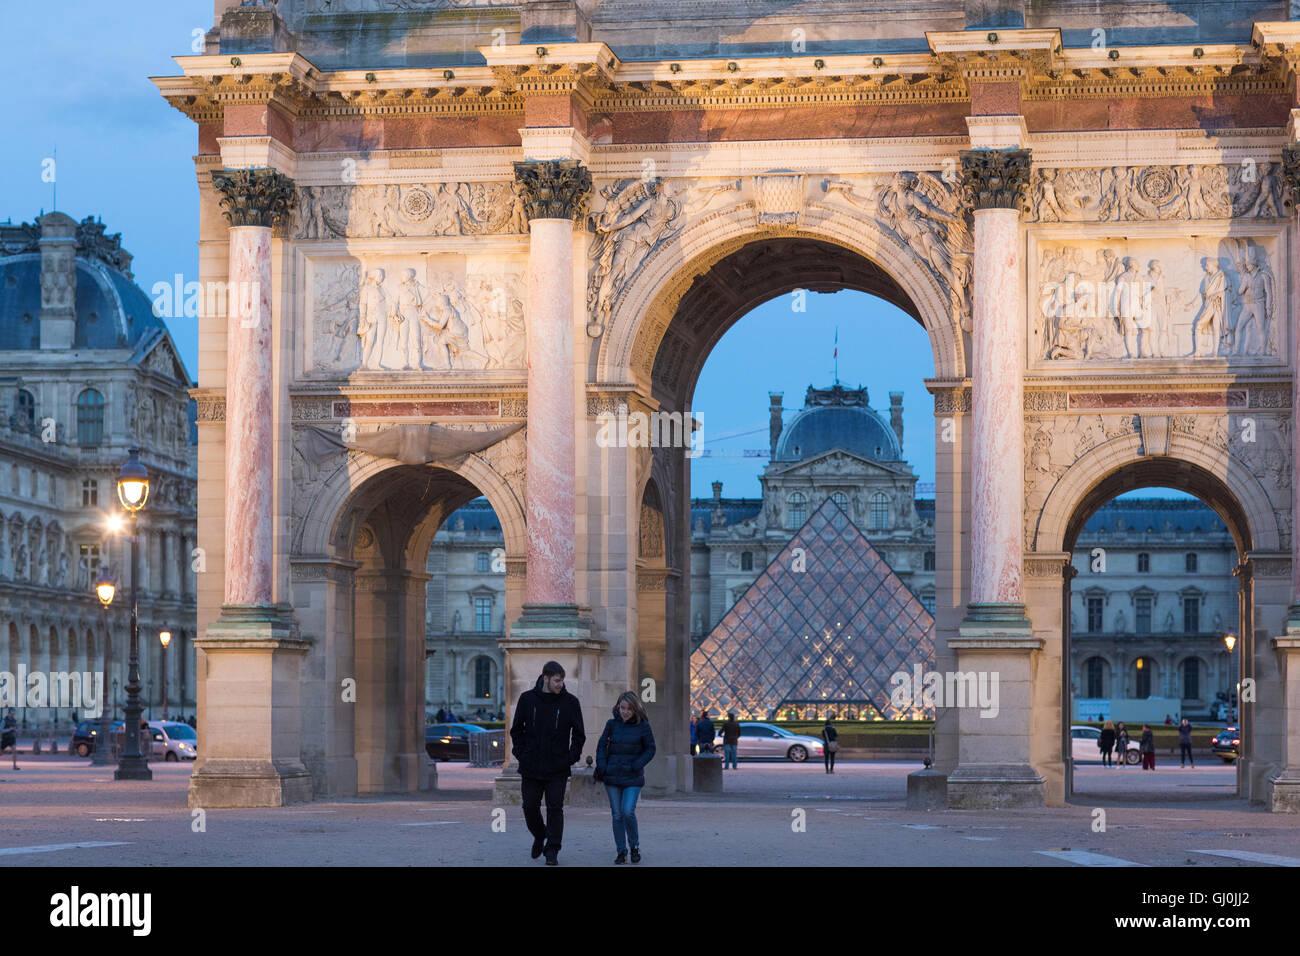 a couple strolling by the Arc de Triomphe du Carrousel & Palais du Louvre at dusk, Paris, France - Stock Image